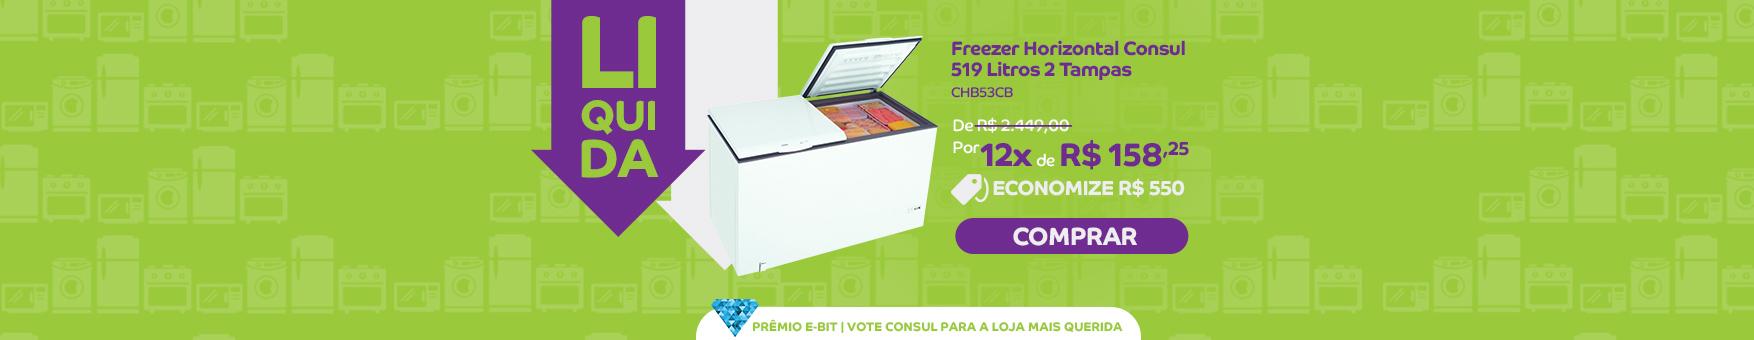 Promoção Interna - 100 - liquida_chb53cb_home_29062015 - chb53cb - 2